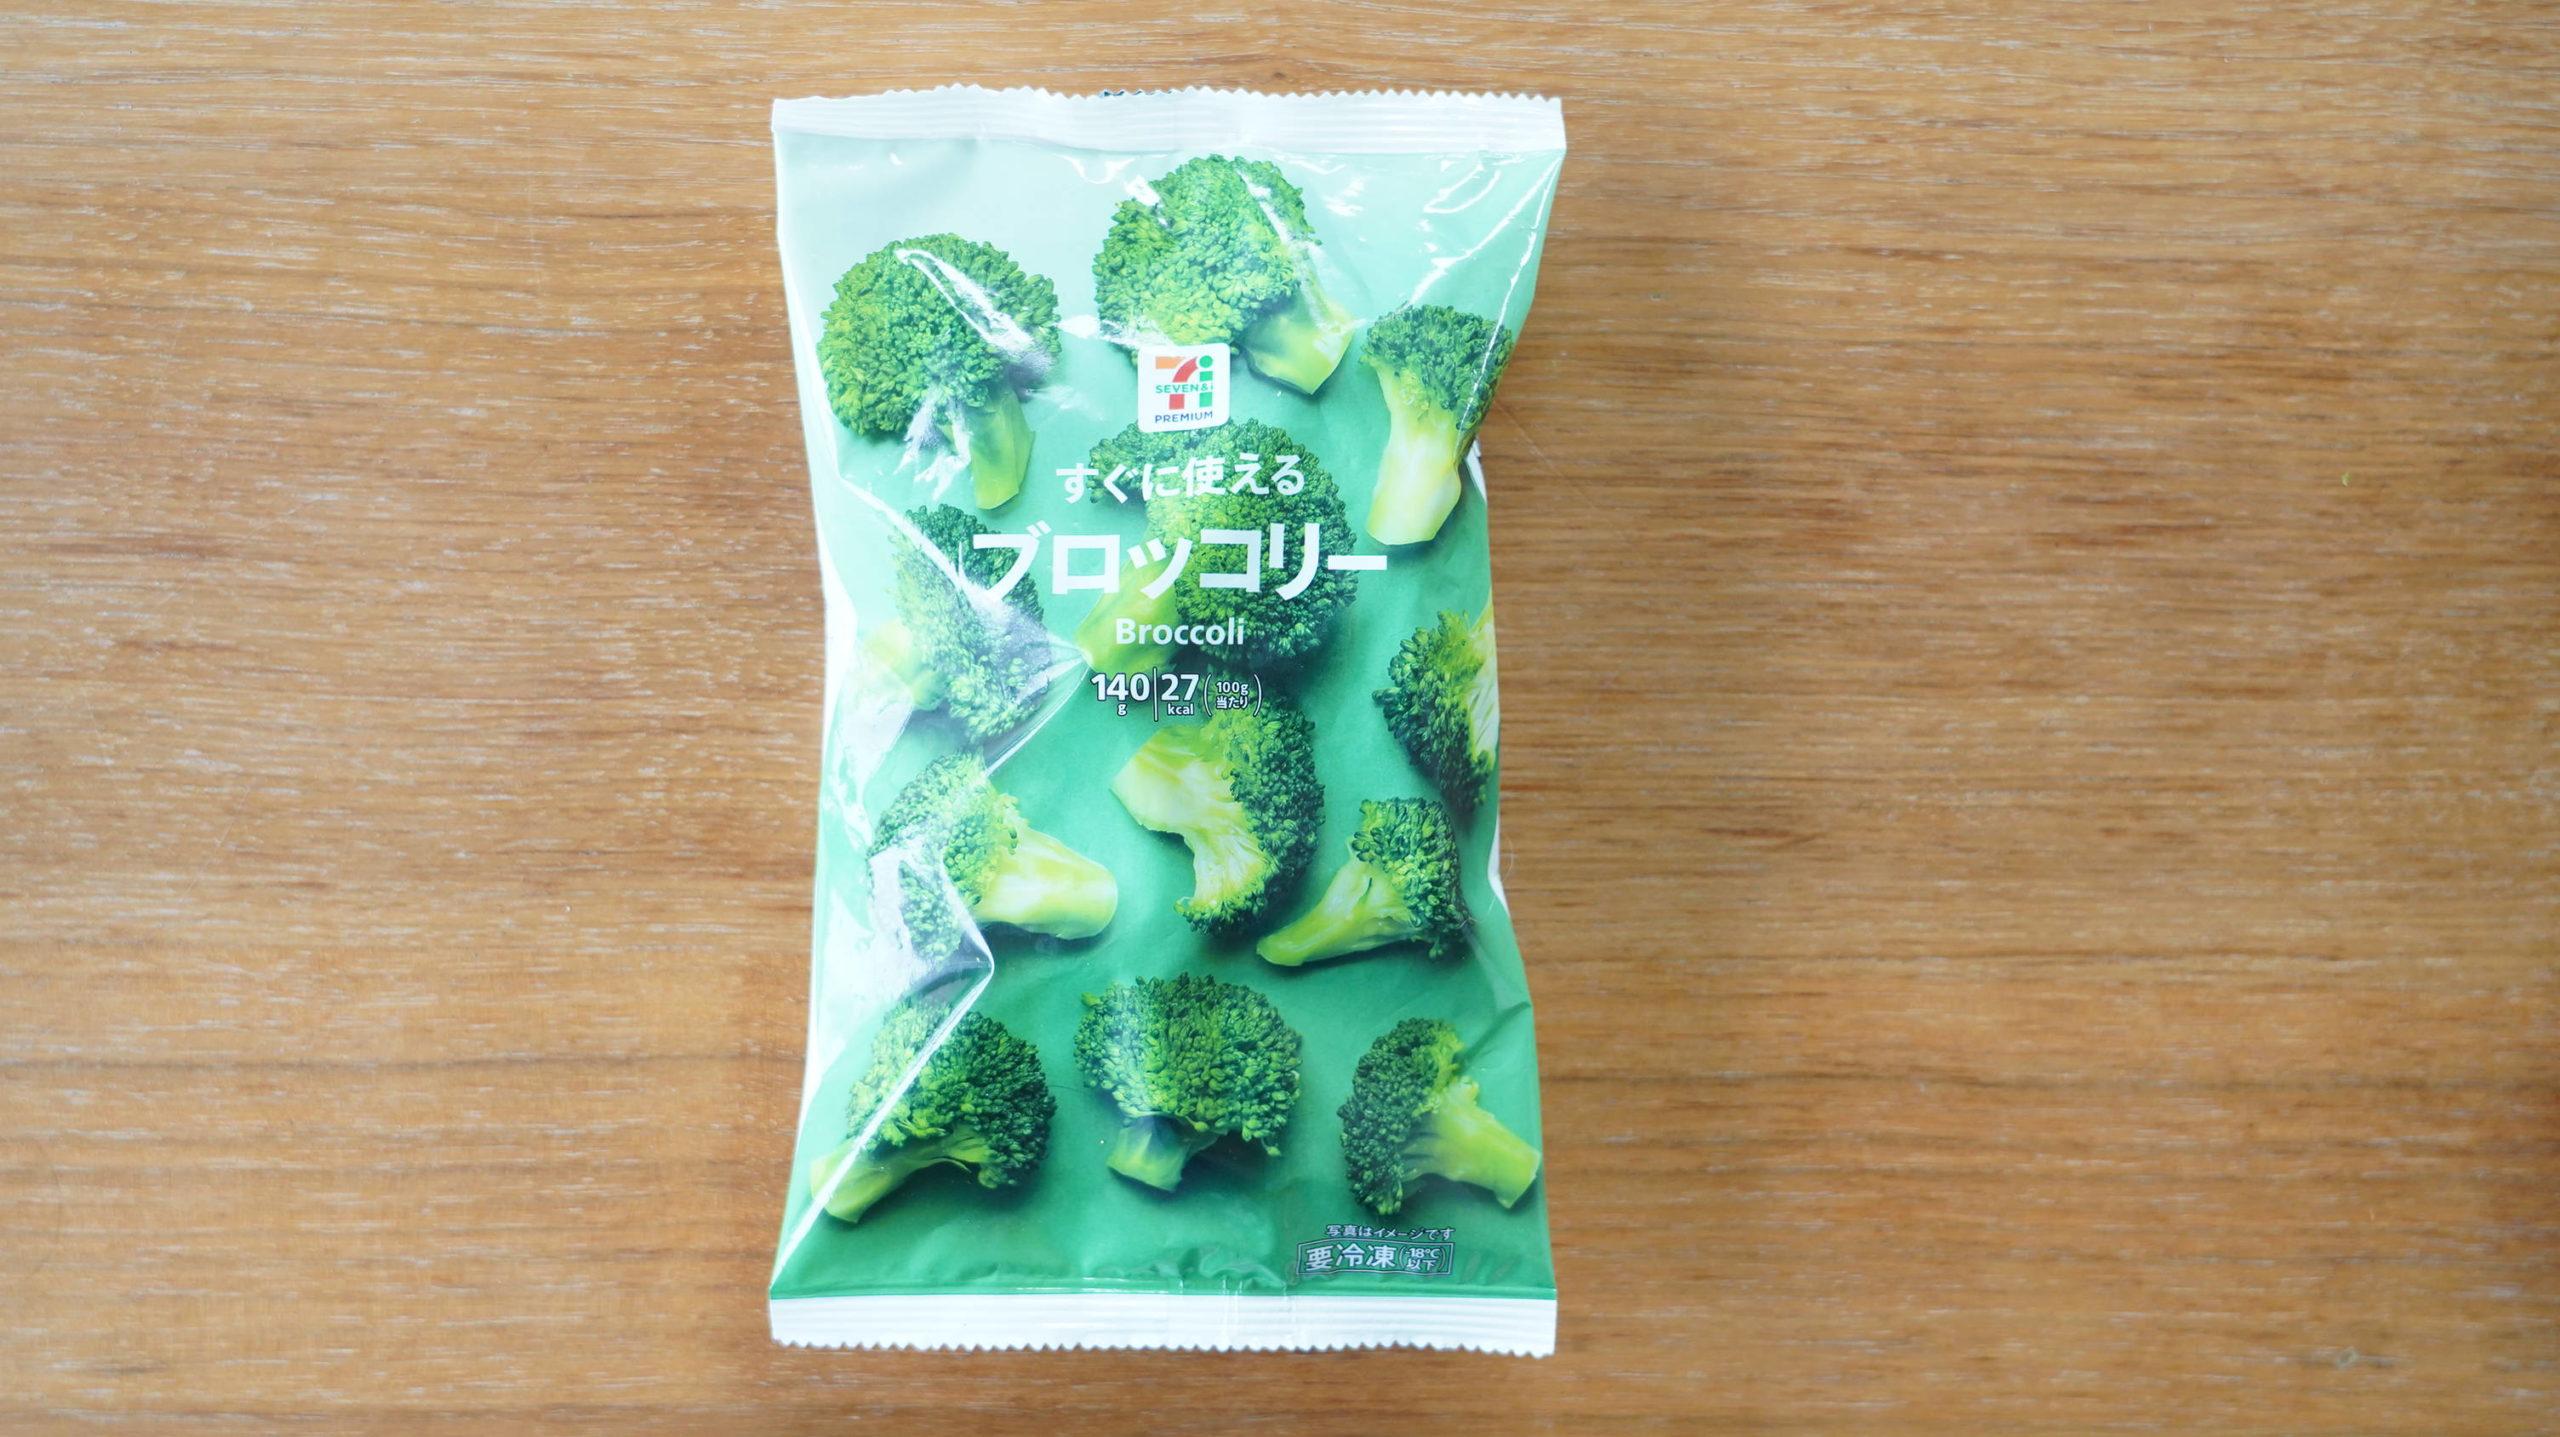 セブンイレブンのおすすめ冷凍食品「ブロッコリー」のパッケージ写真